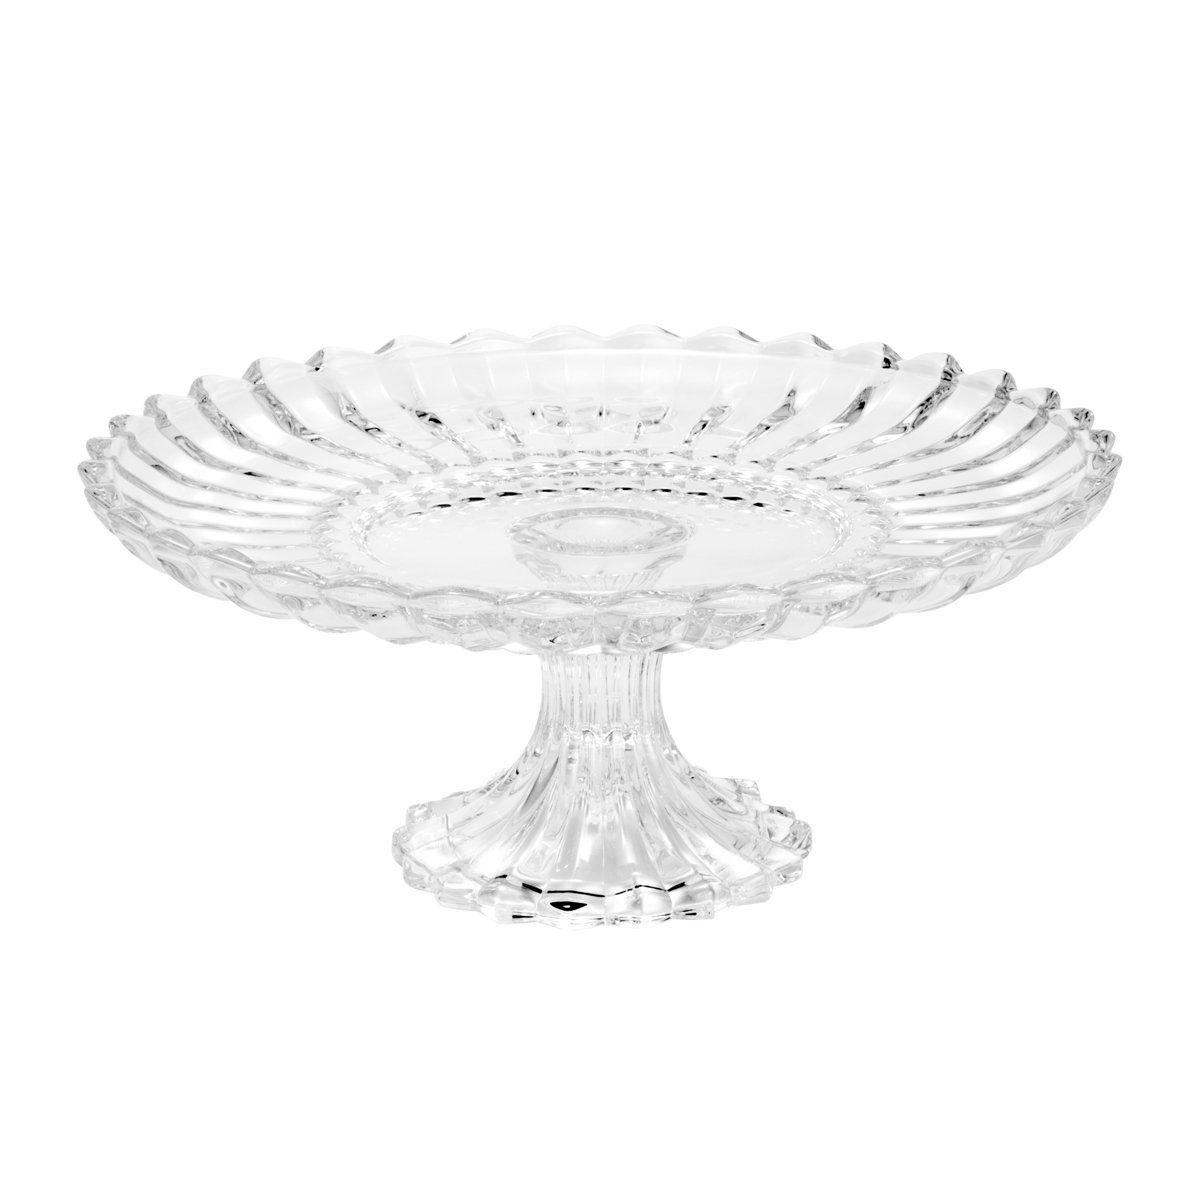 Prato 29,6 cm para bolo de cristal com pé transparente Geneva Wolff - 25529